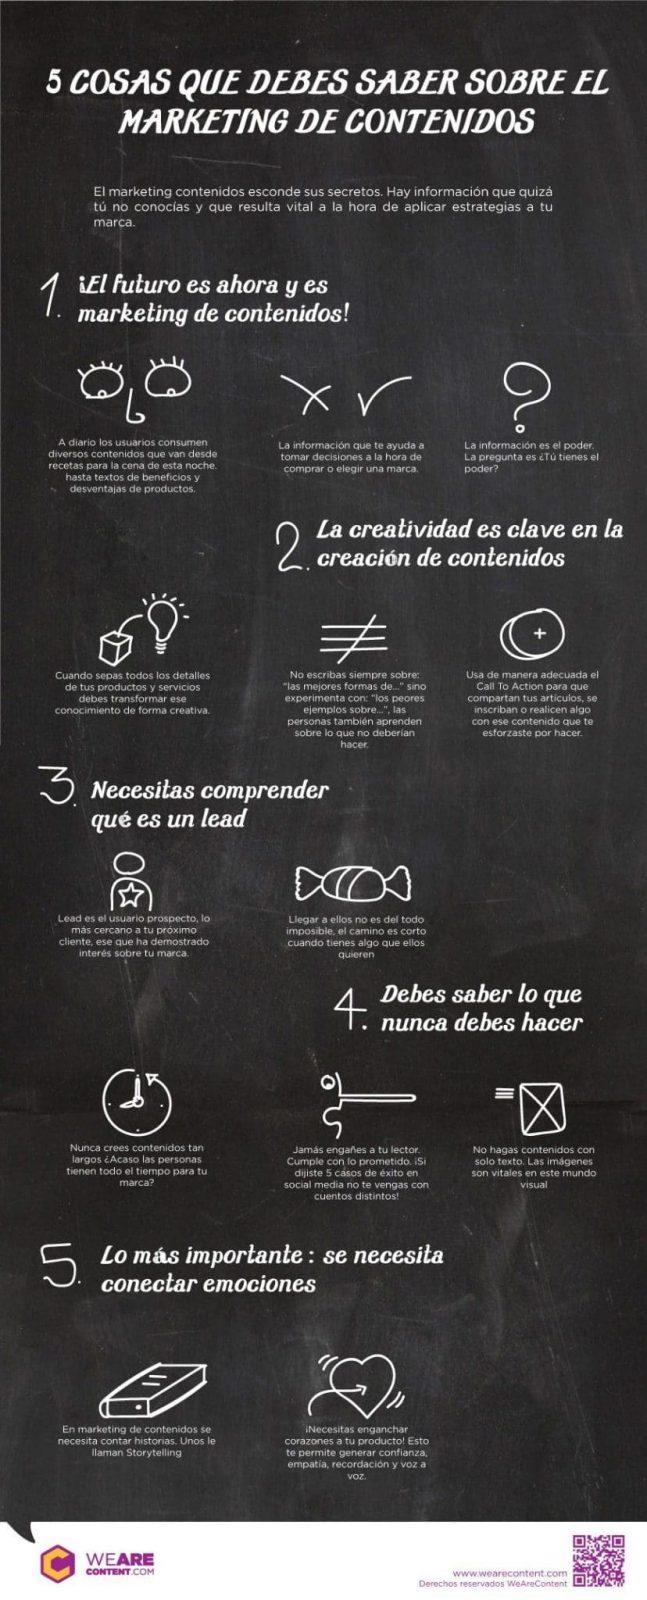 Todo sobre marketing de contenidos en 5 pasos | WeAreContent